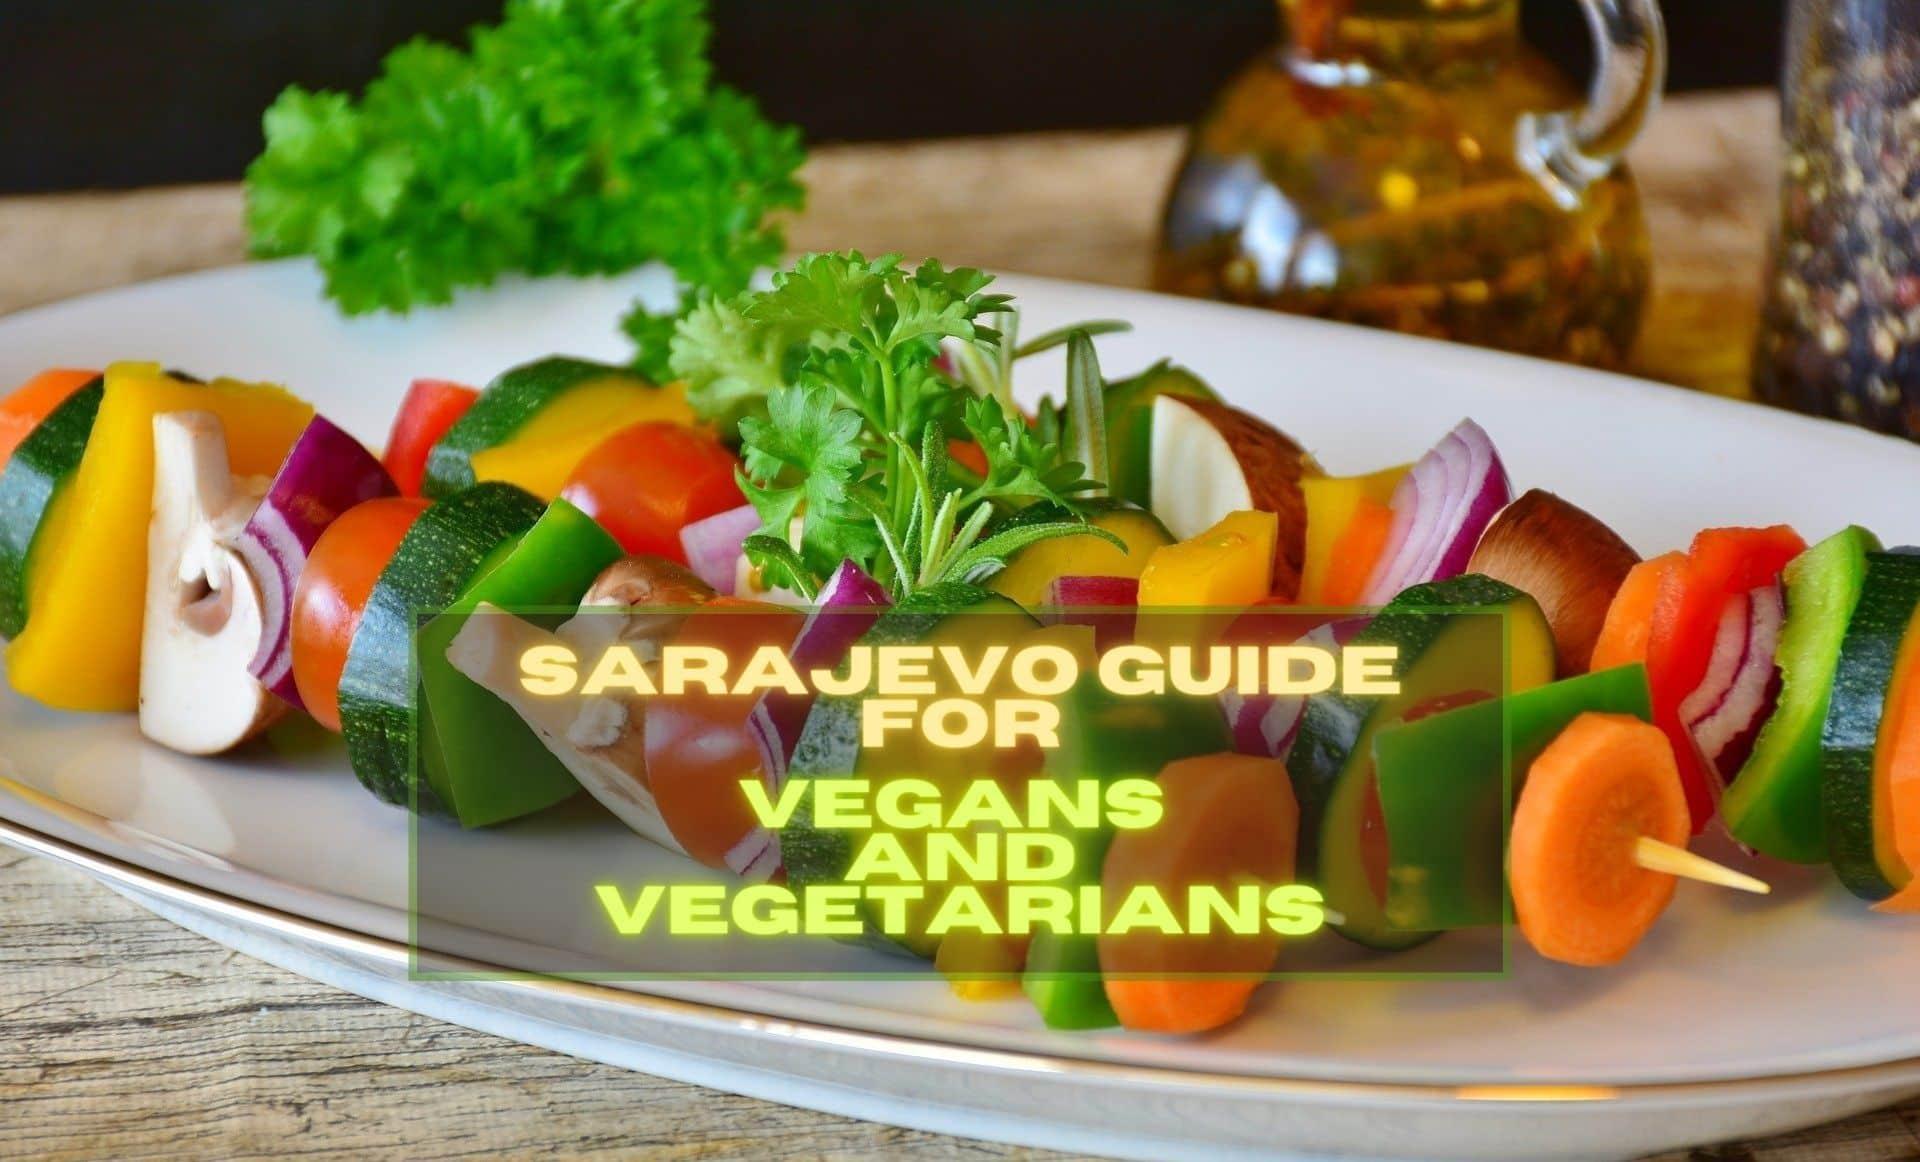 Sarajevo Guide for Vegans and Vegetarians